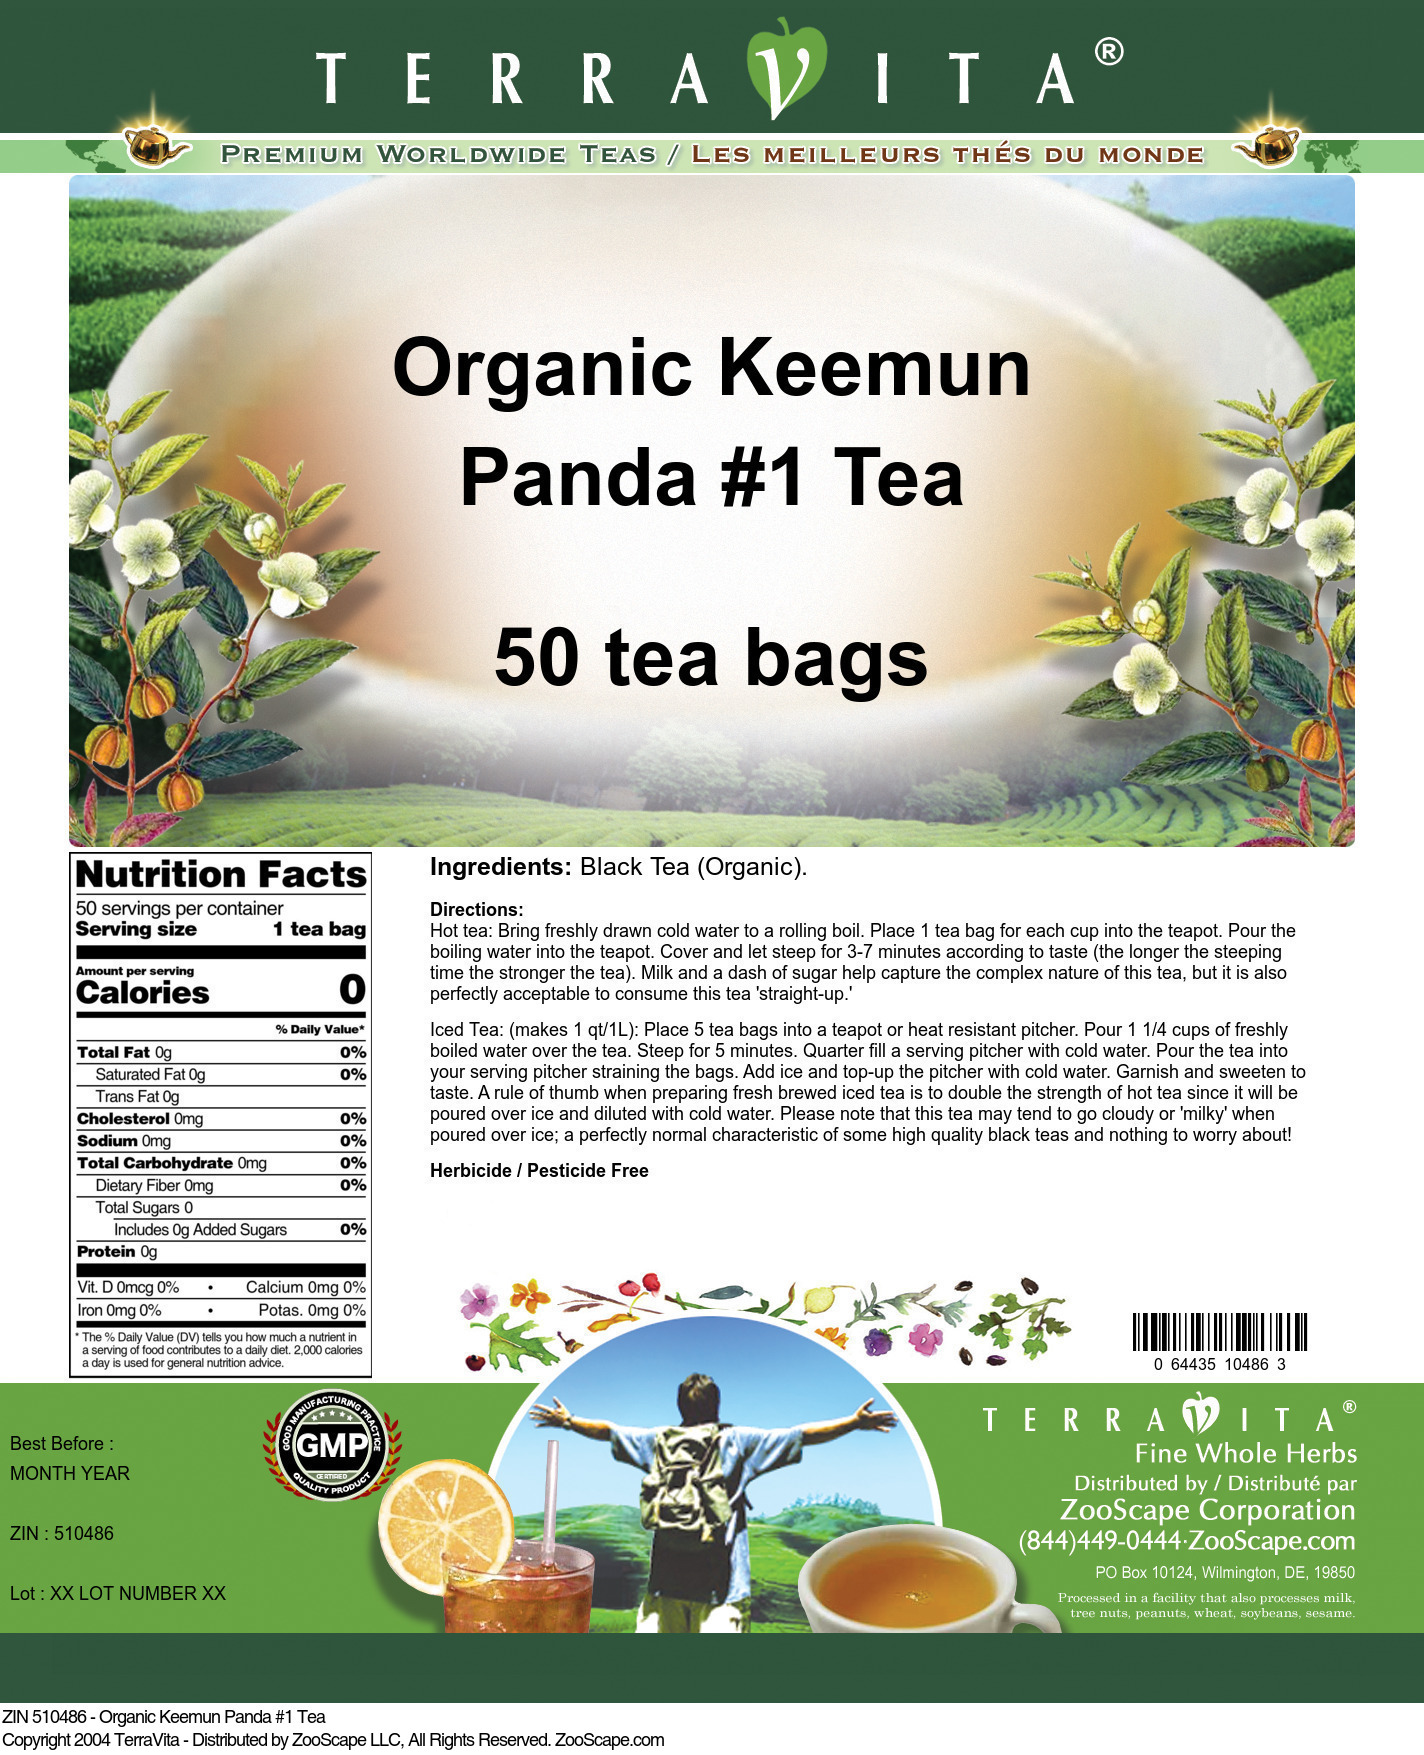 Organic Keemun Panda #1